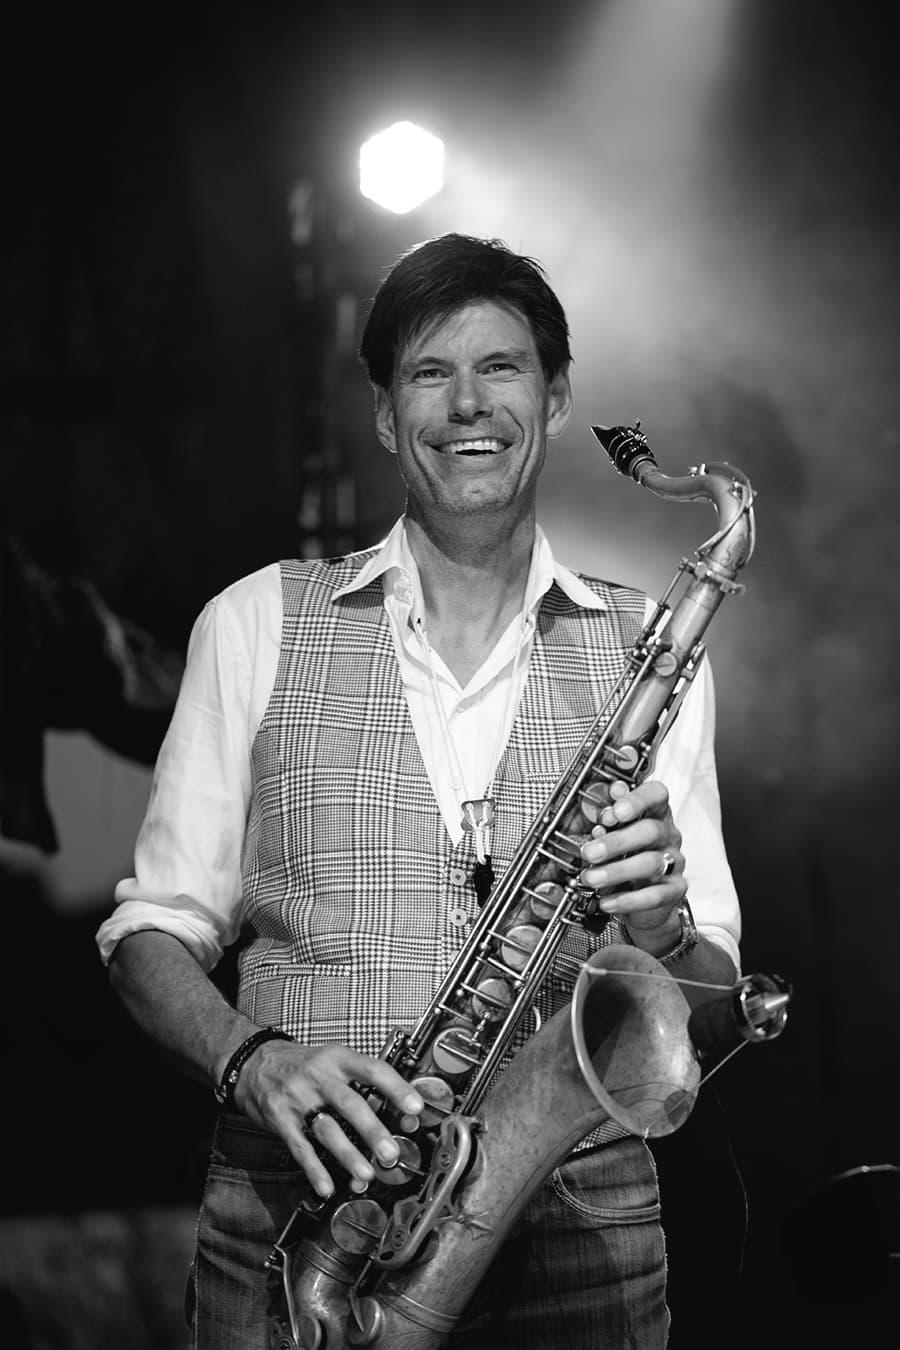 Stefan Kuchel